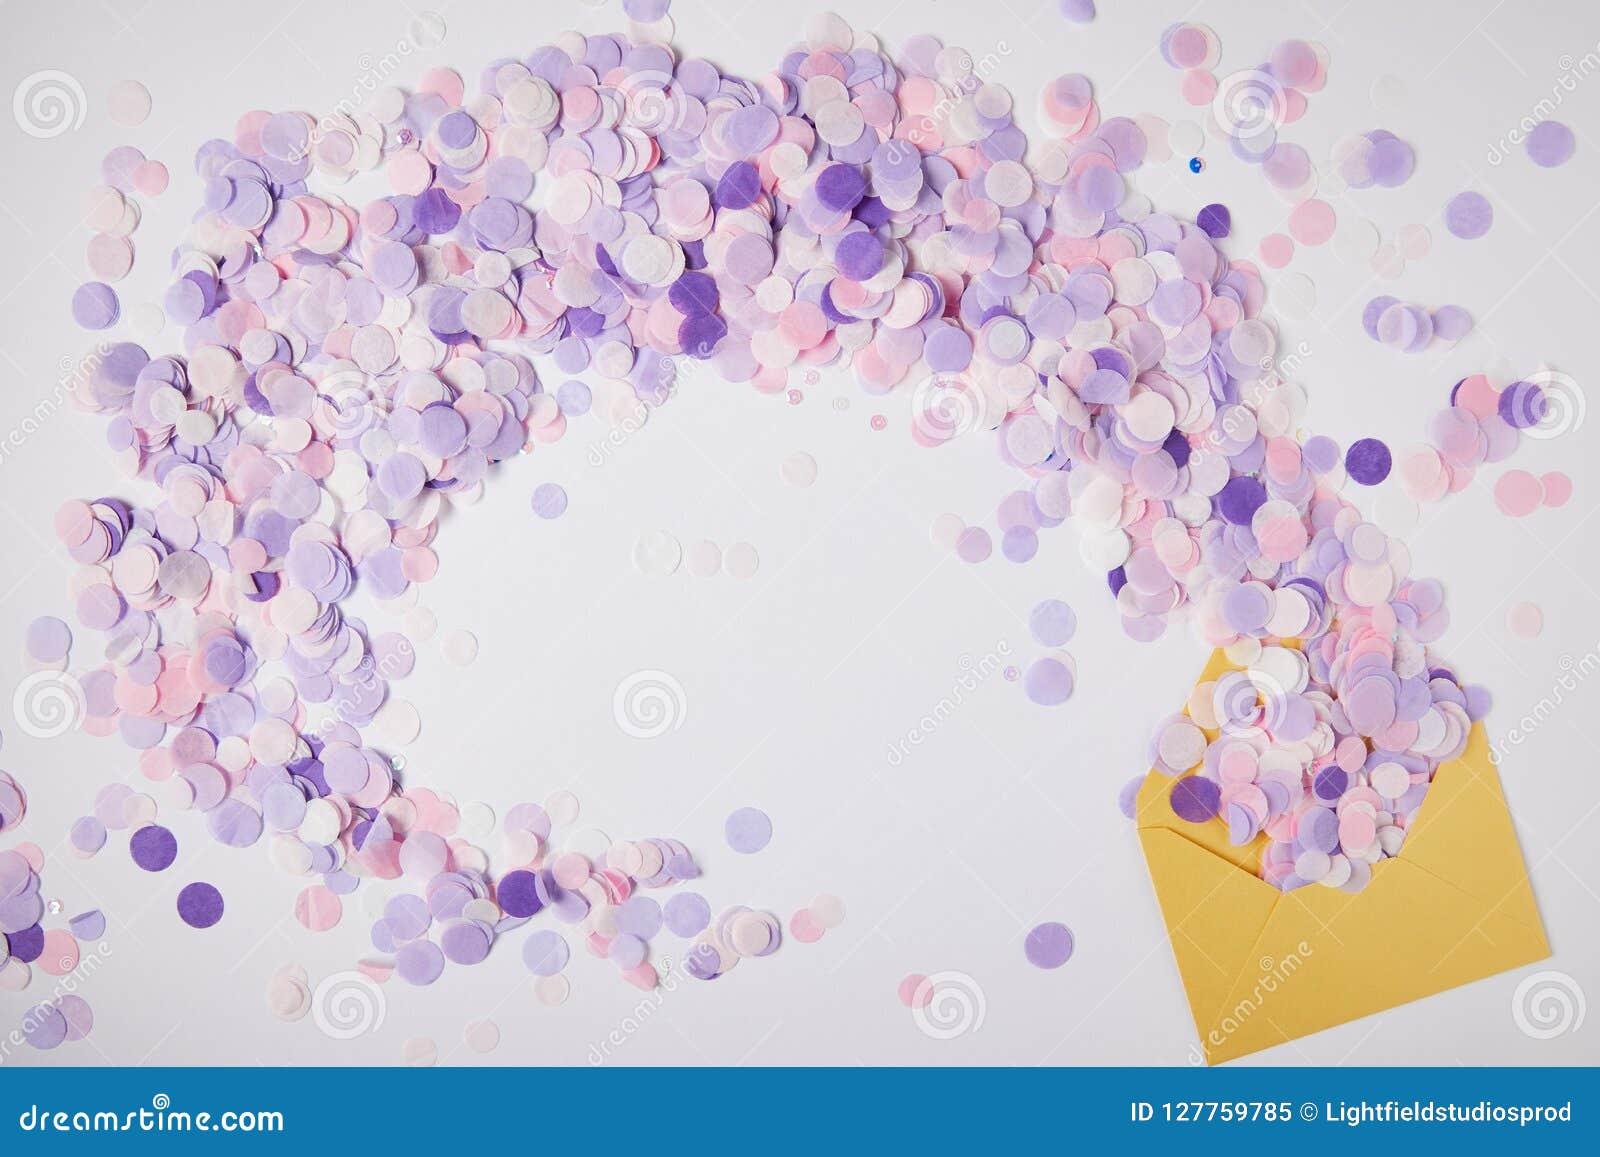 Hoogste mening van violette confettienstukken en gele envelop op oppervlakte